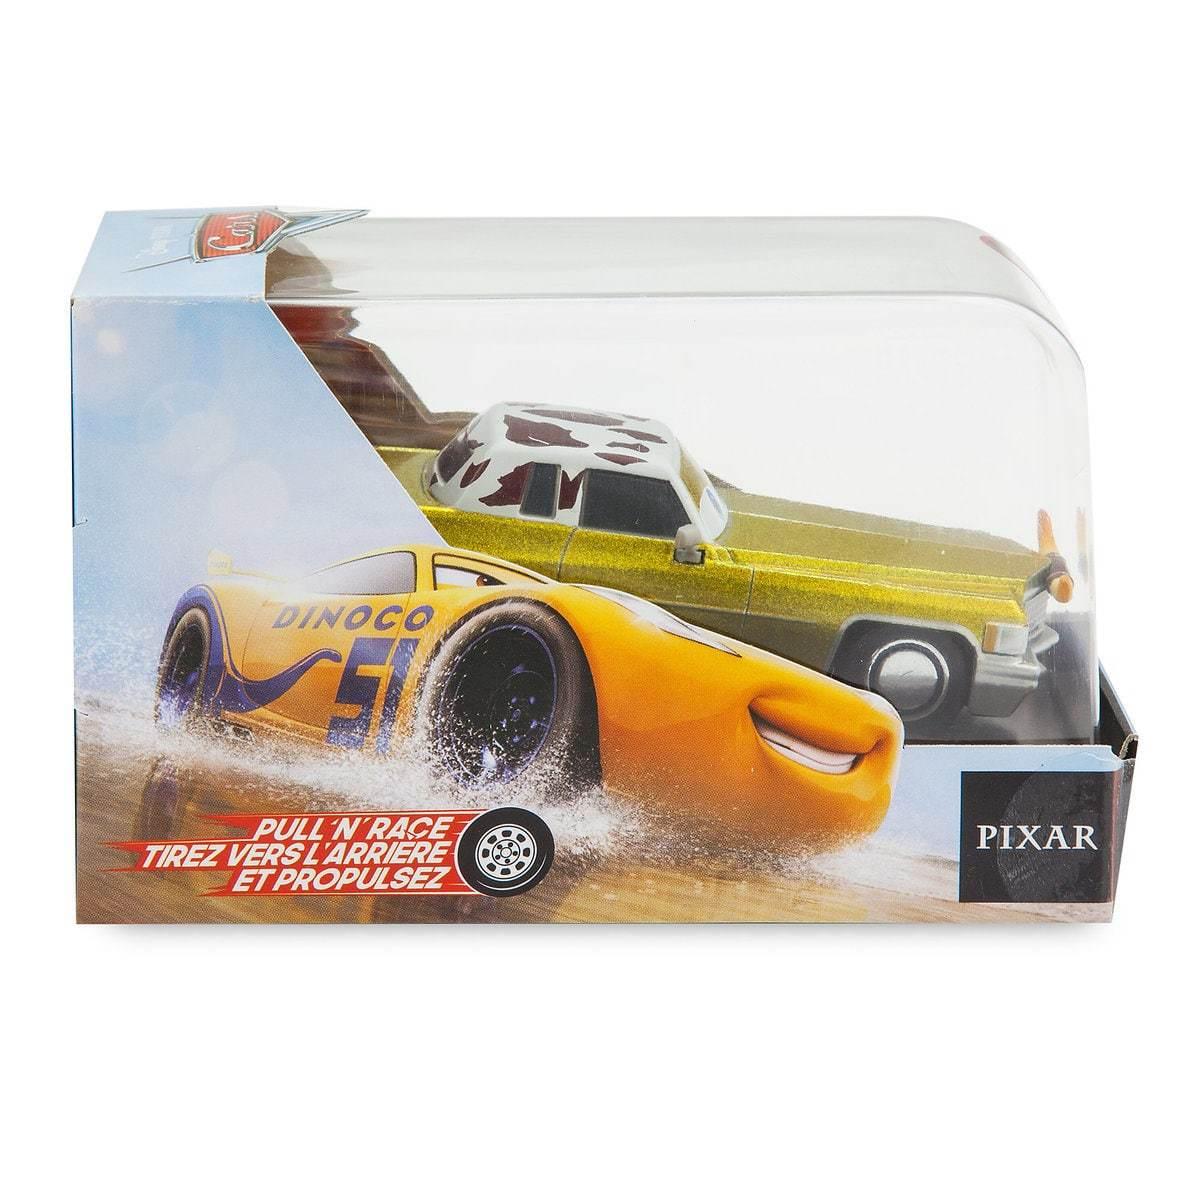 Машинка Текс Диноко «Tex Dinoco» 9 см Тачки